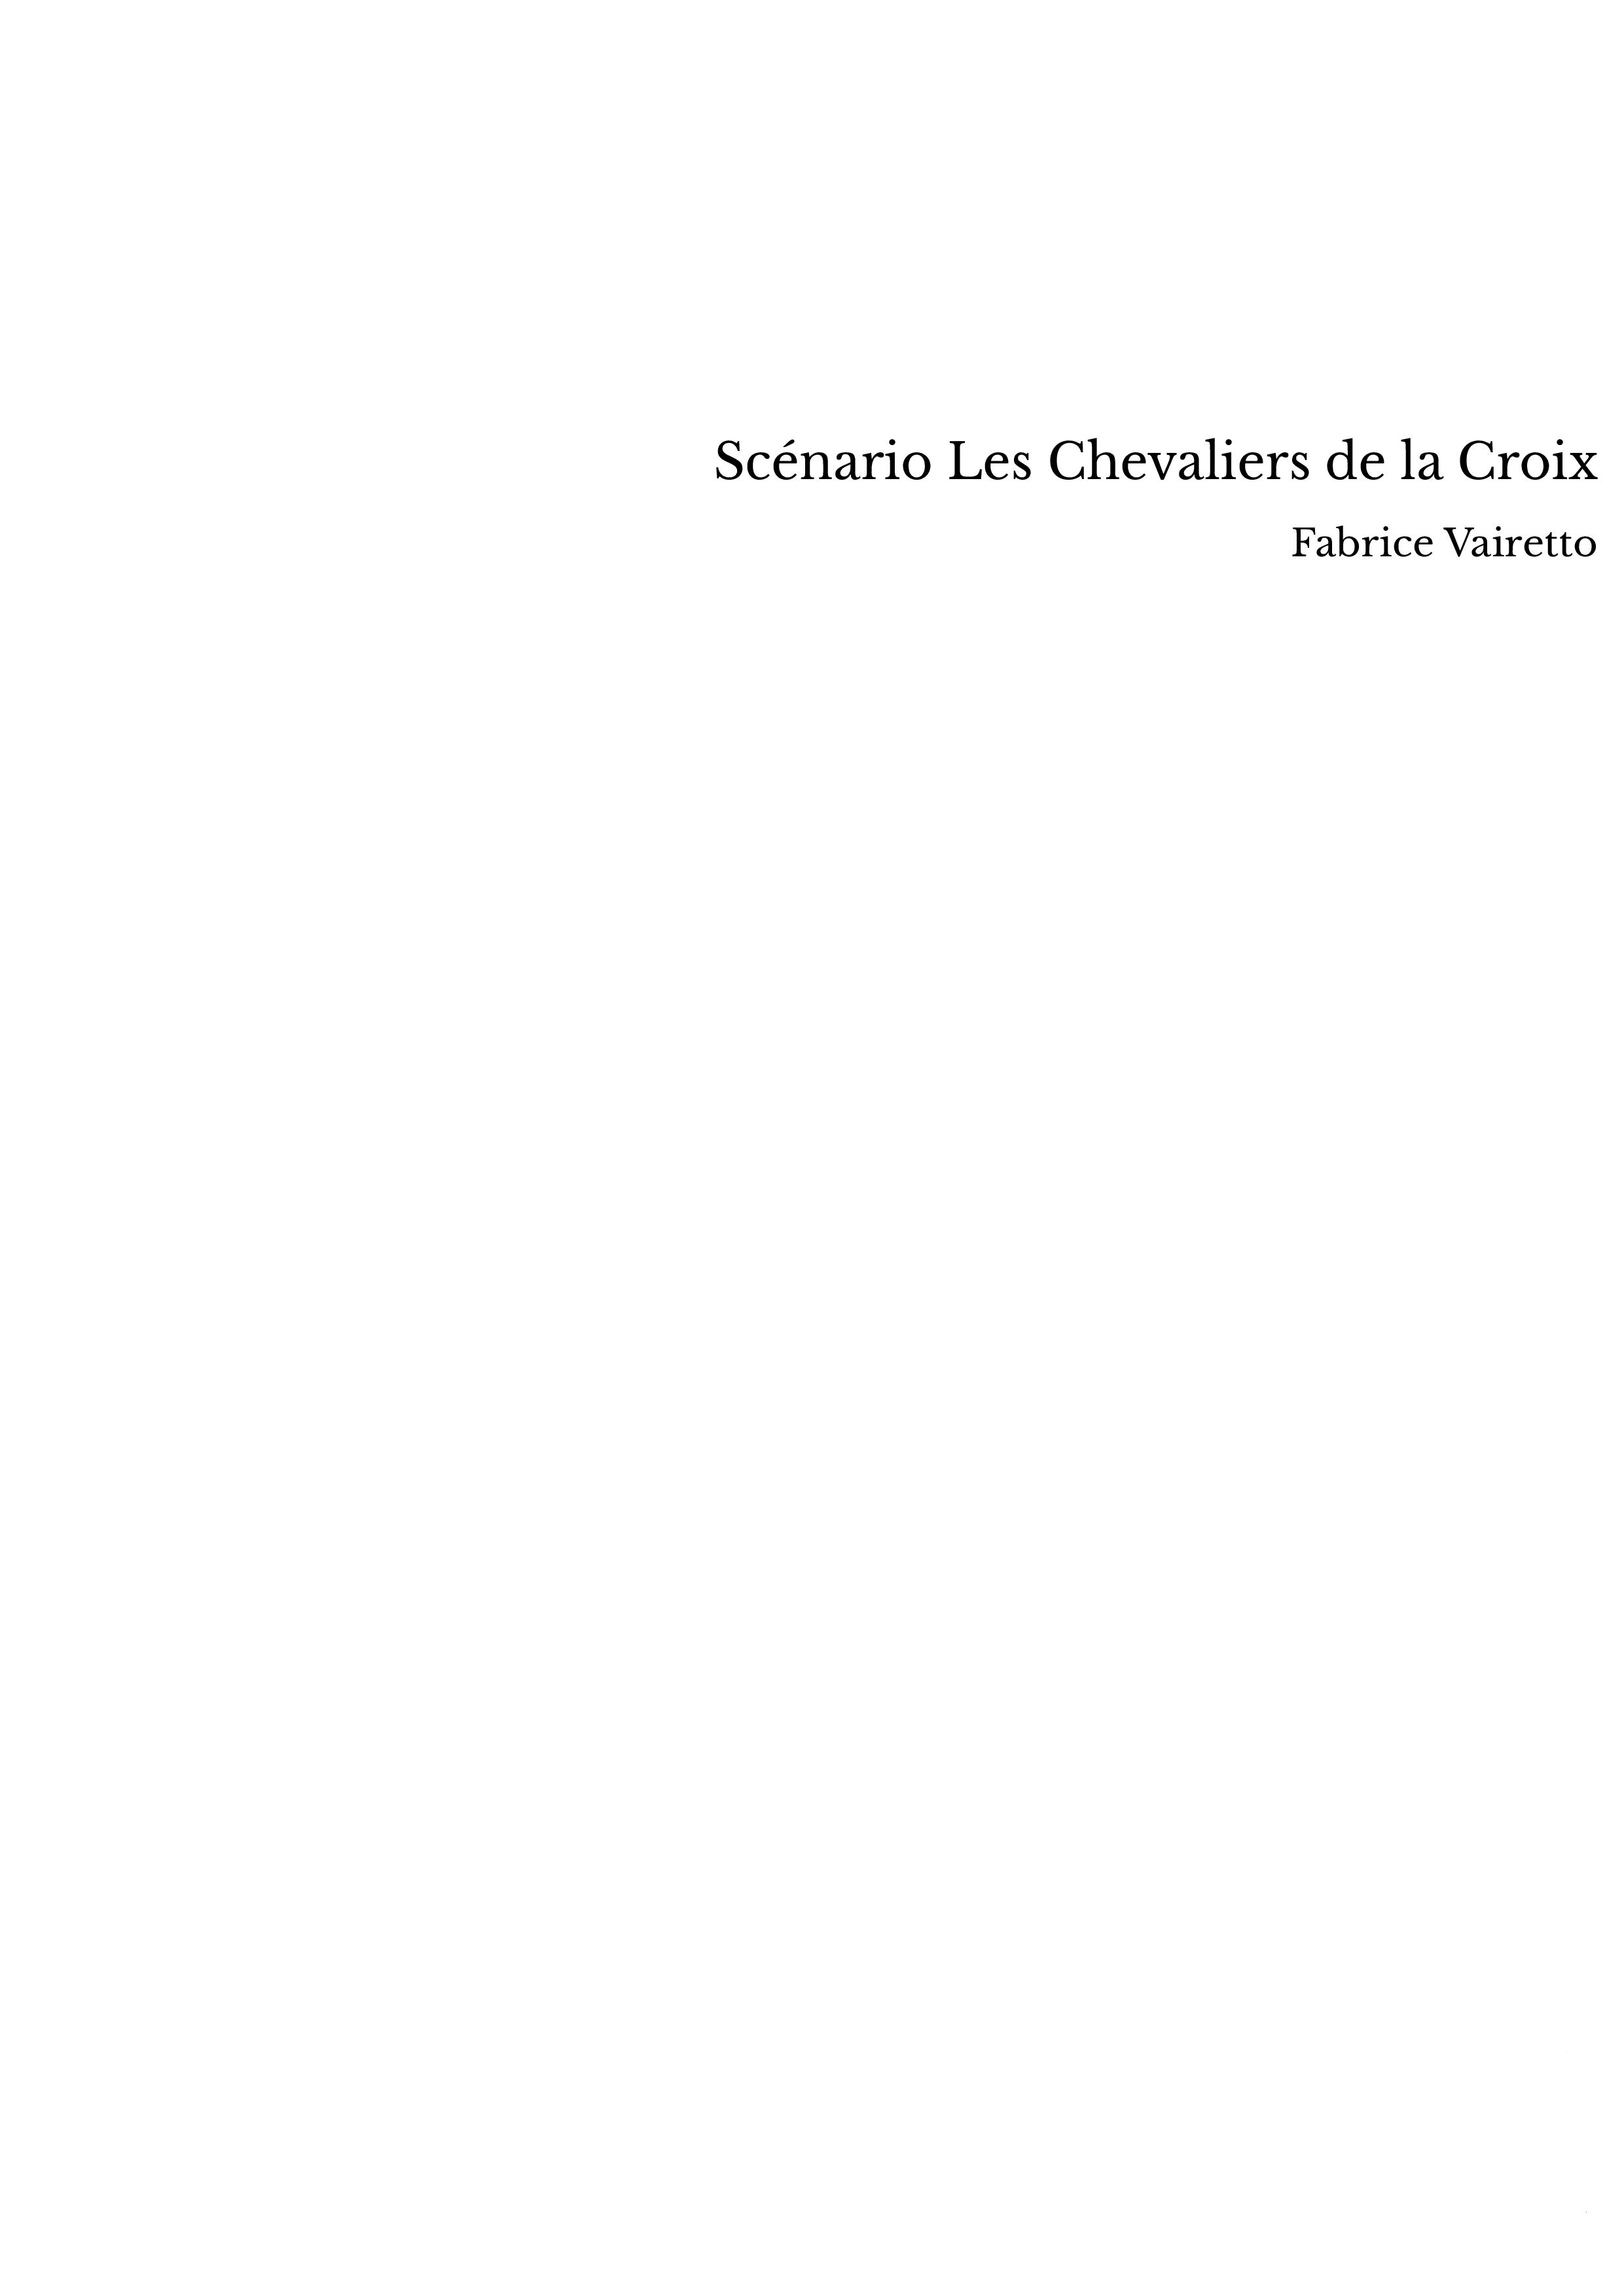 Scénario Les Chevaliers de la Croix